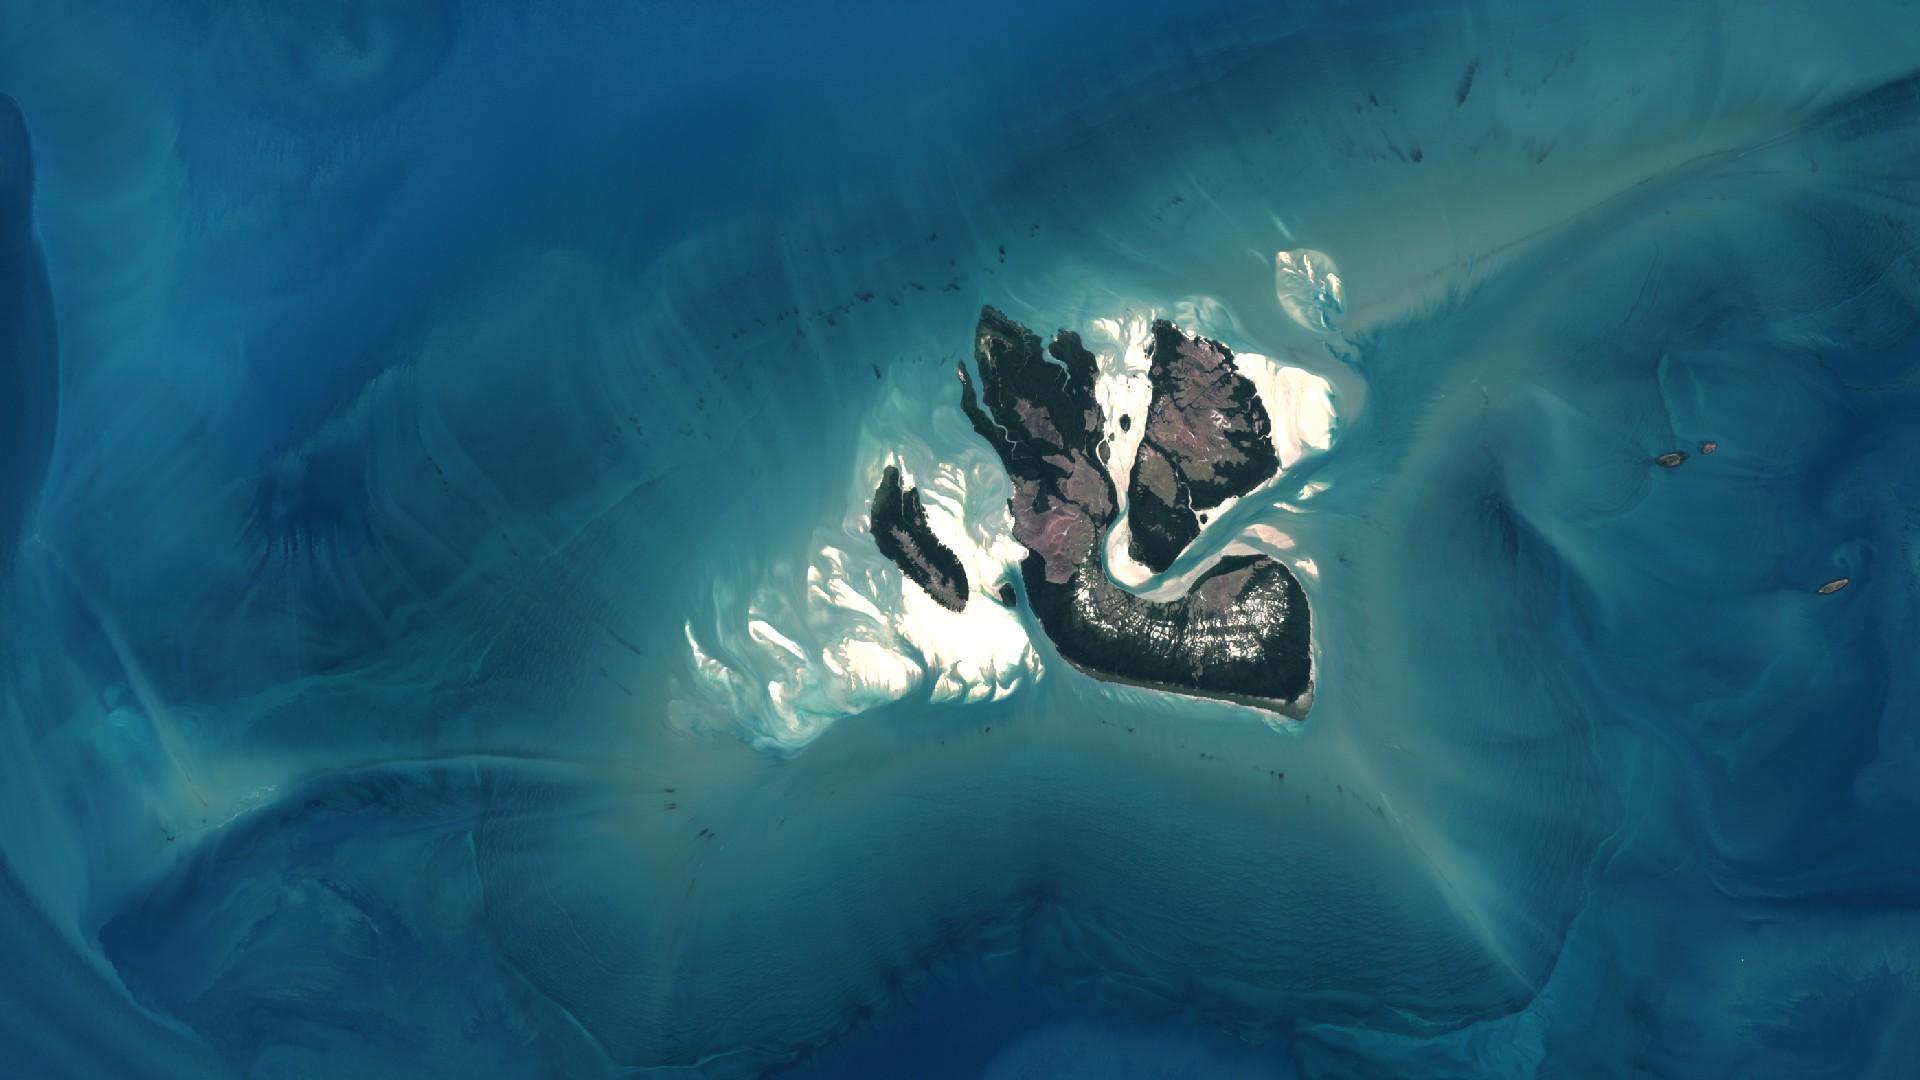 Sentinel - Sentinel -2A - Australie - Kimberley - Juin 2016 - ESA - Copernicus - Commission européenne - satellite - la Terre vue de l'espace